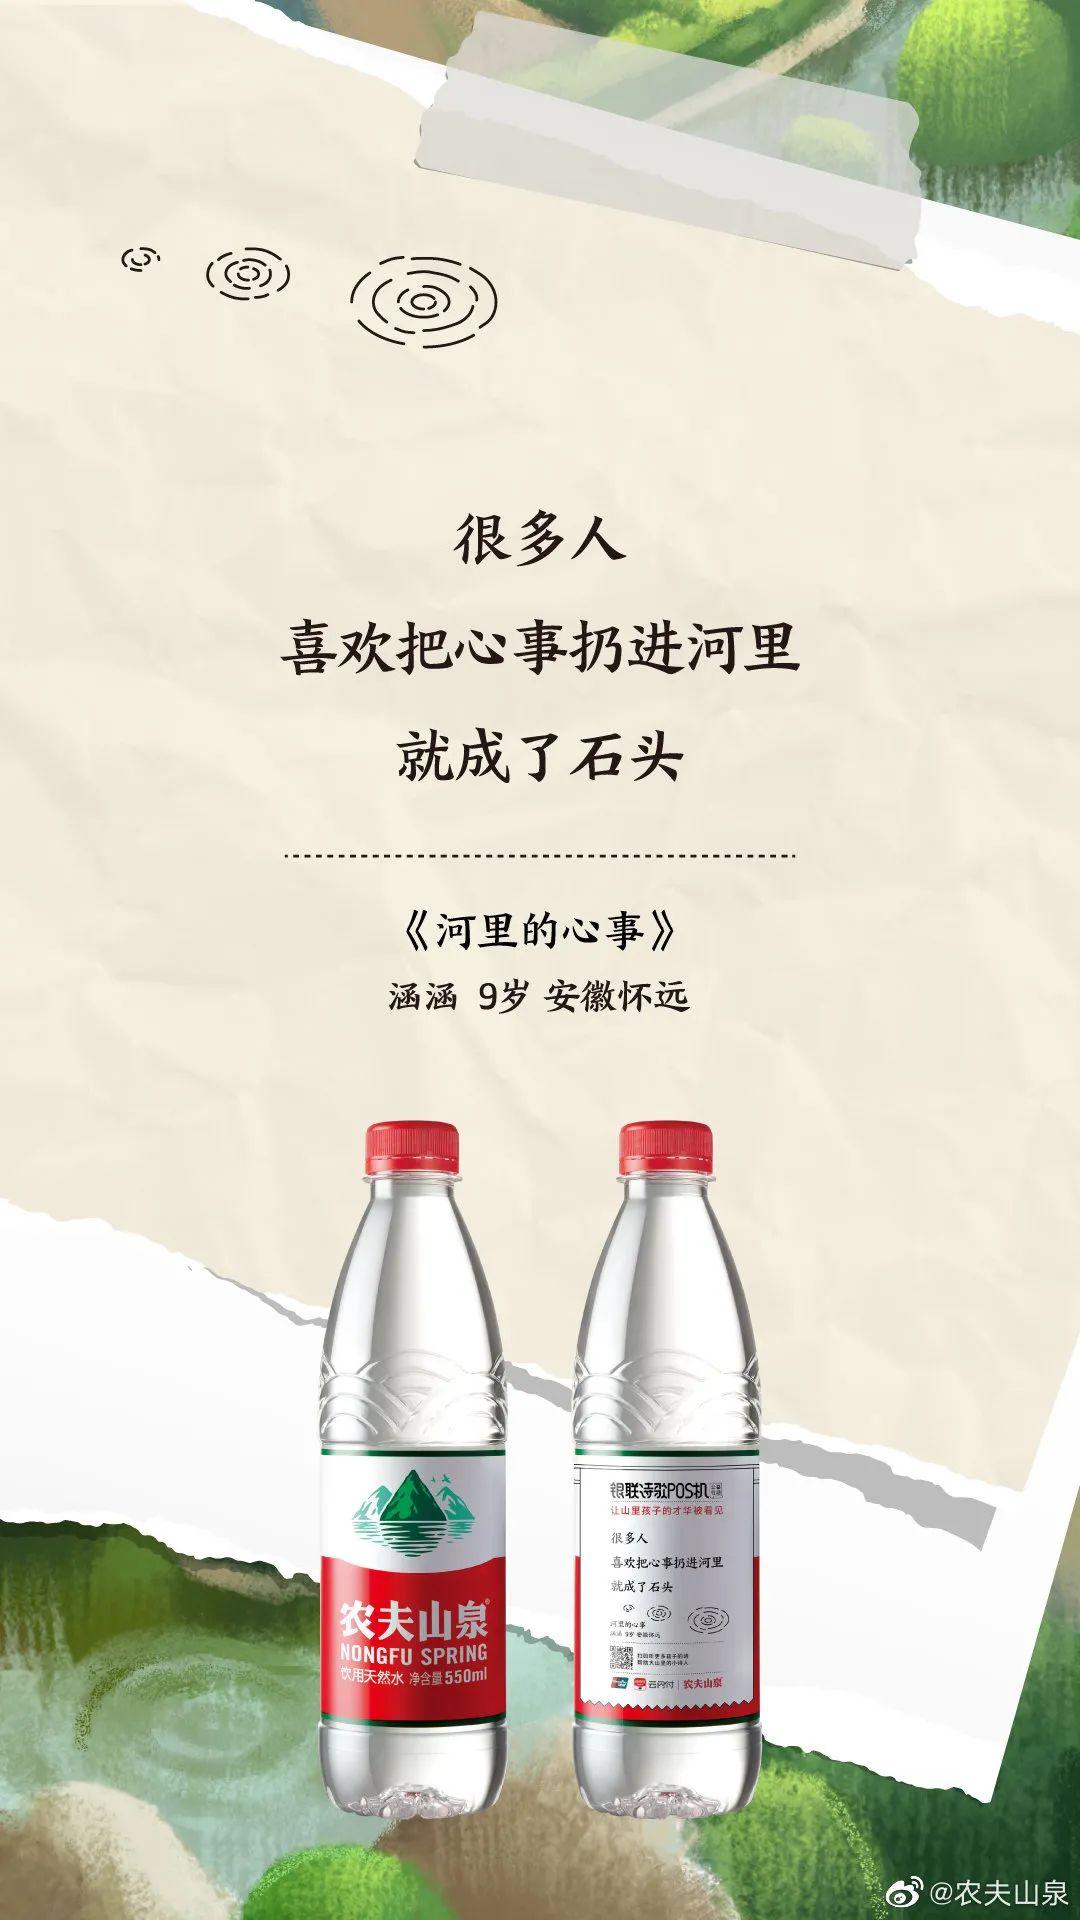 包装设计 · 搬运工的情怀营销-上海野火创意